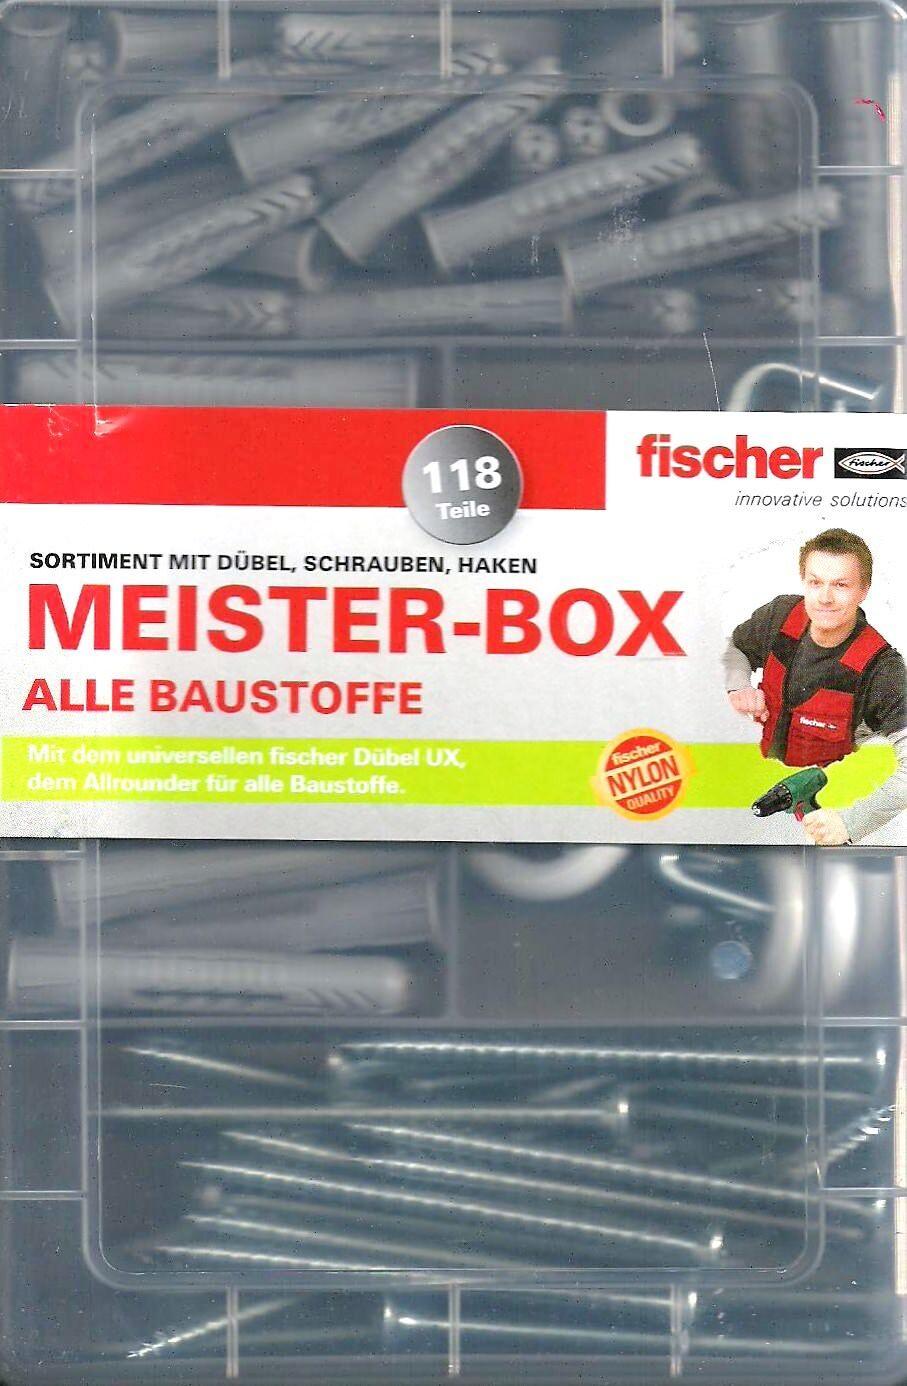 fischer Dübel Meister-Box mit UX+Schrauben+Haken